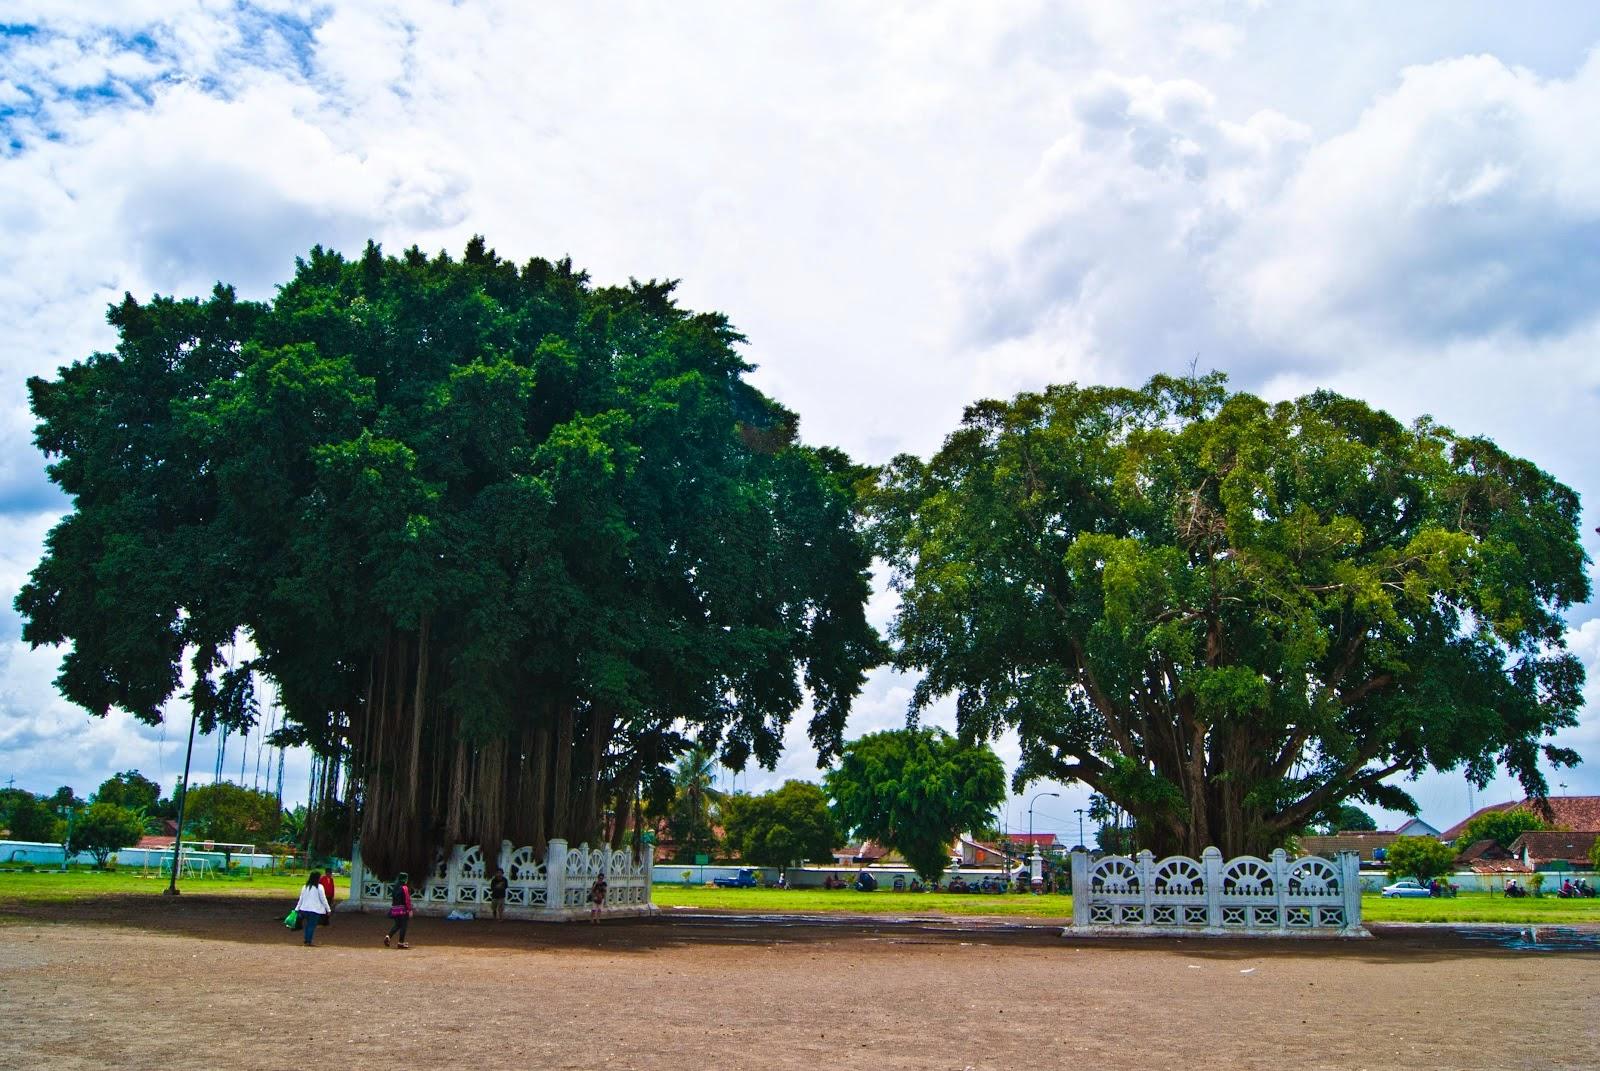 Belajar dari Beringin, Sang Pohon Keramat - Keluarga Mahasiswa Nahdlatul  'Ulama